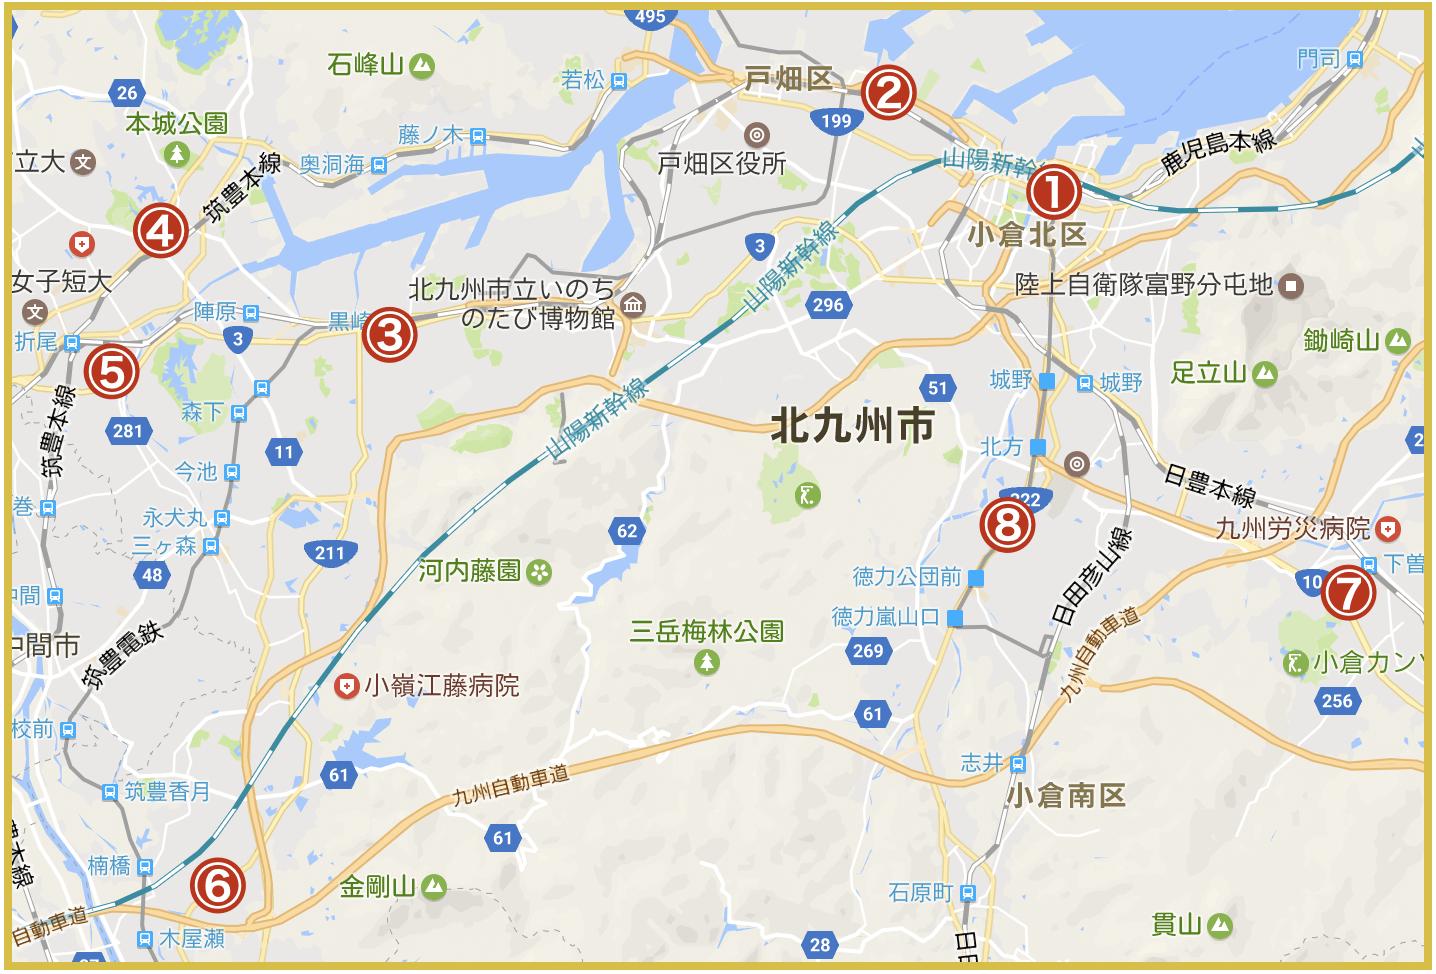 北九州市にあるアイフル店舗・ATMの位置(2020年12月版)